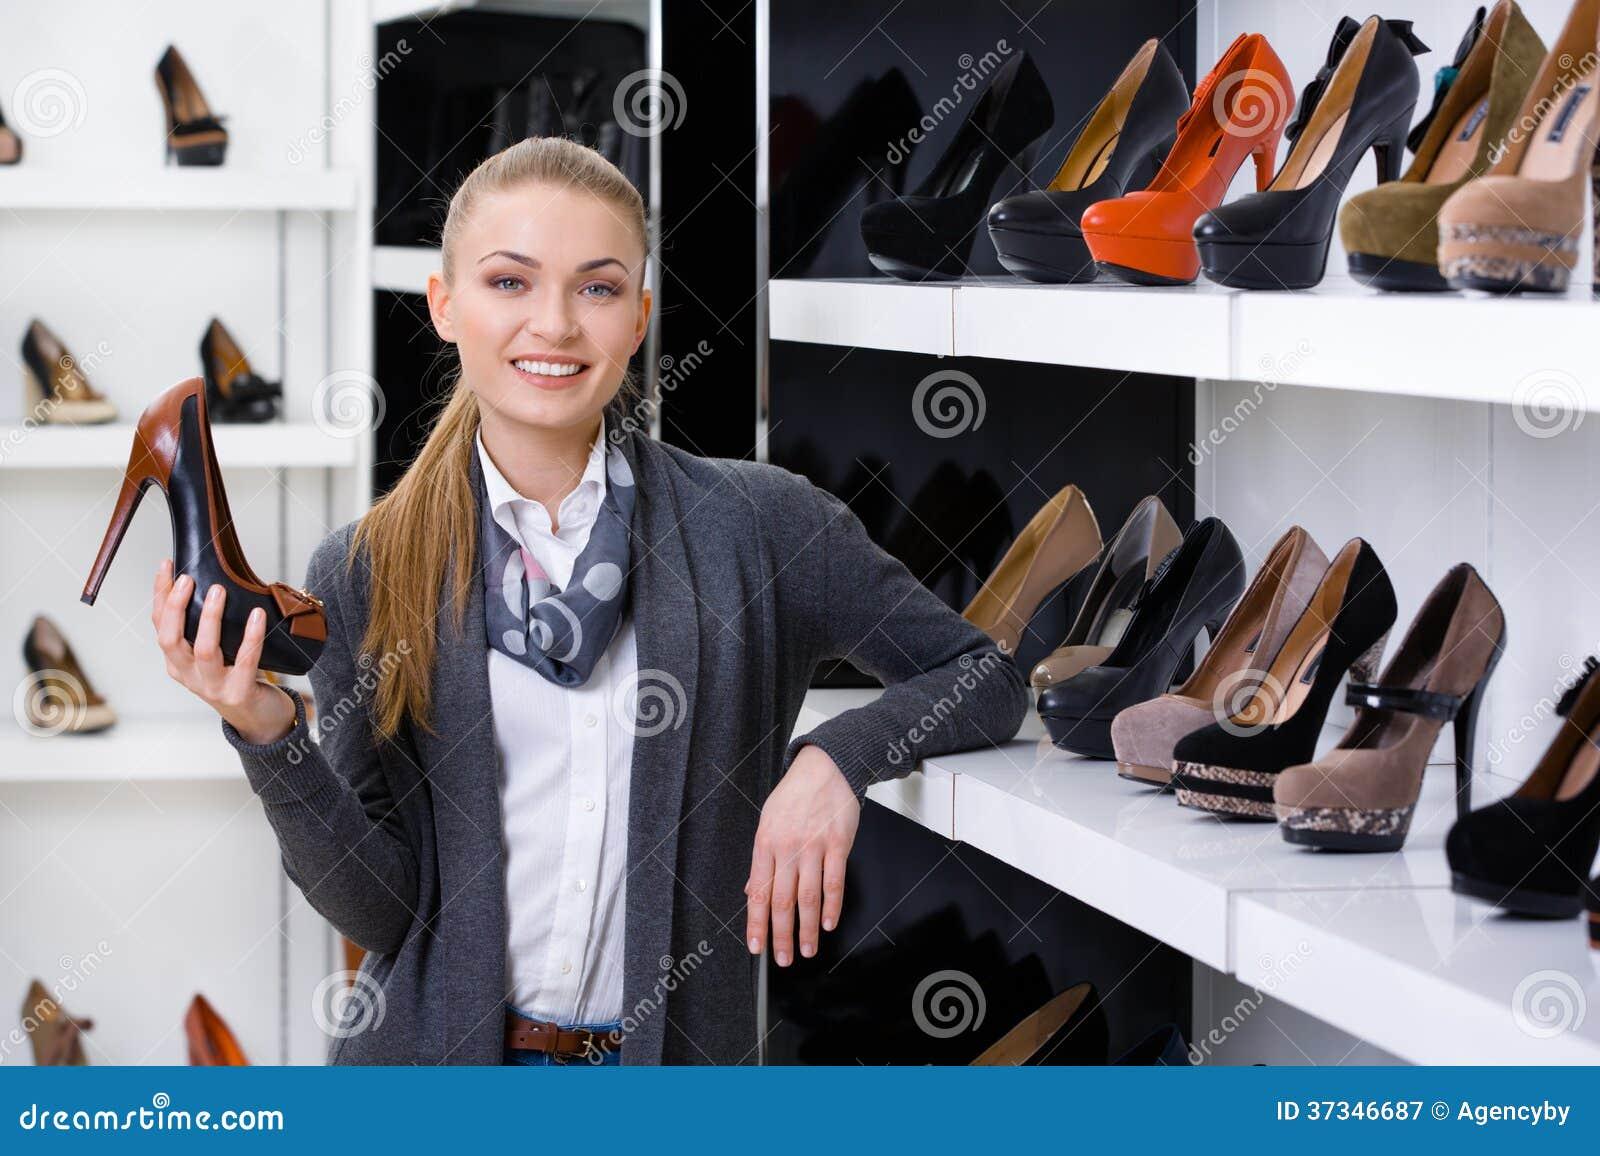 Frau mit Schuh wählt in der Hand Stöckelschuhe